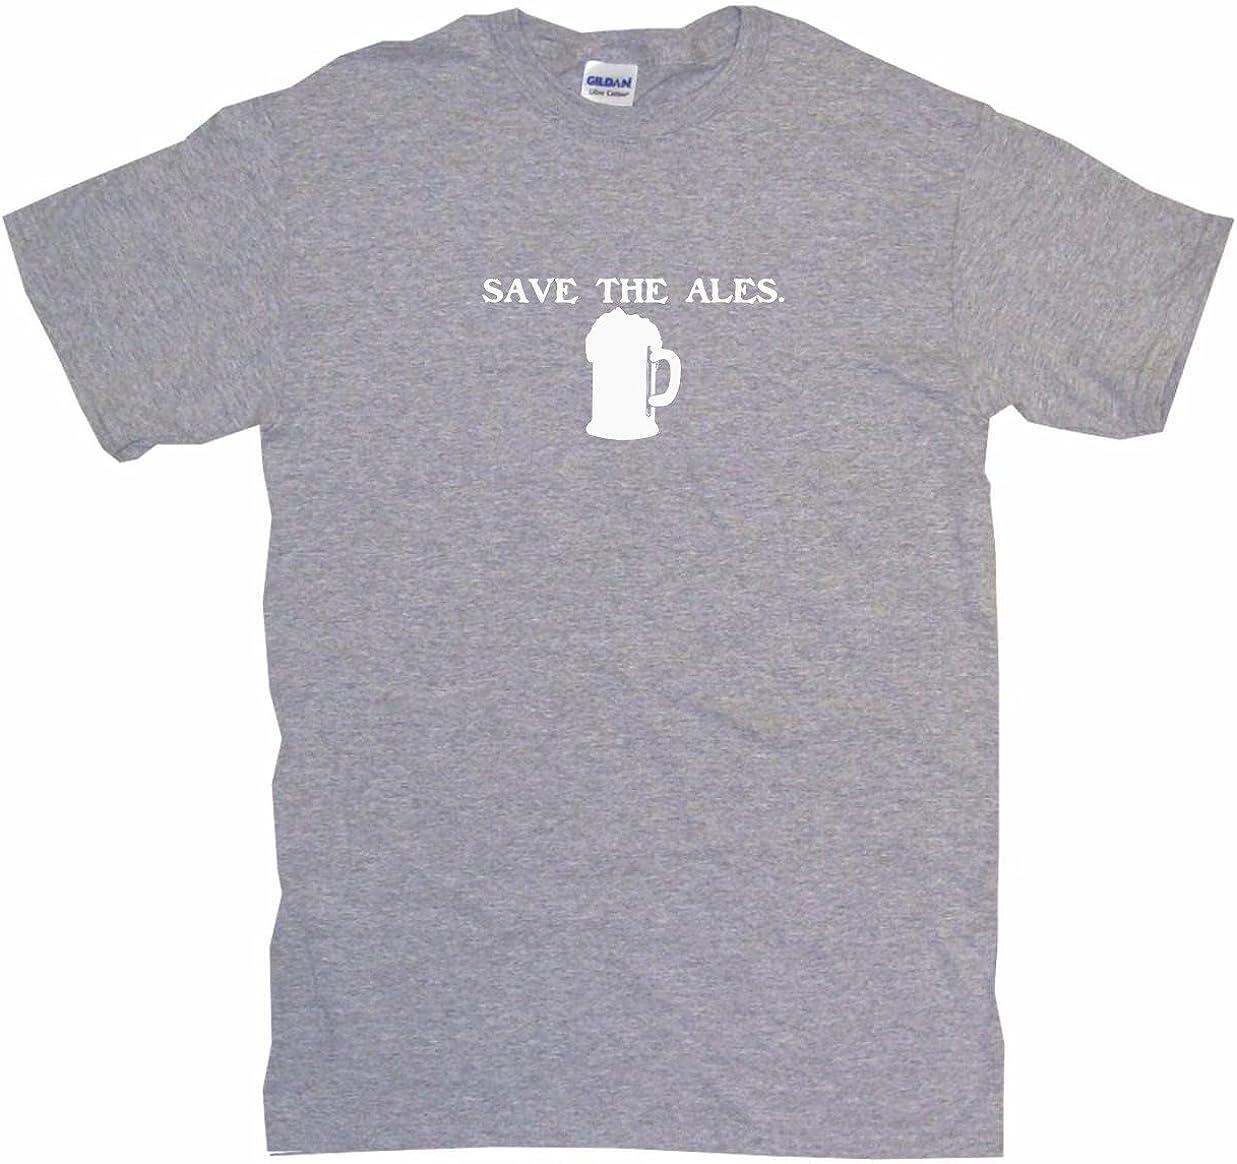 99 Volts Save The Ales Beer Mug Logo Womens Regular Fit Tee Shirt